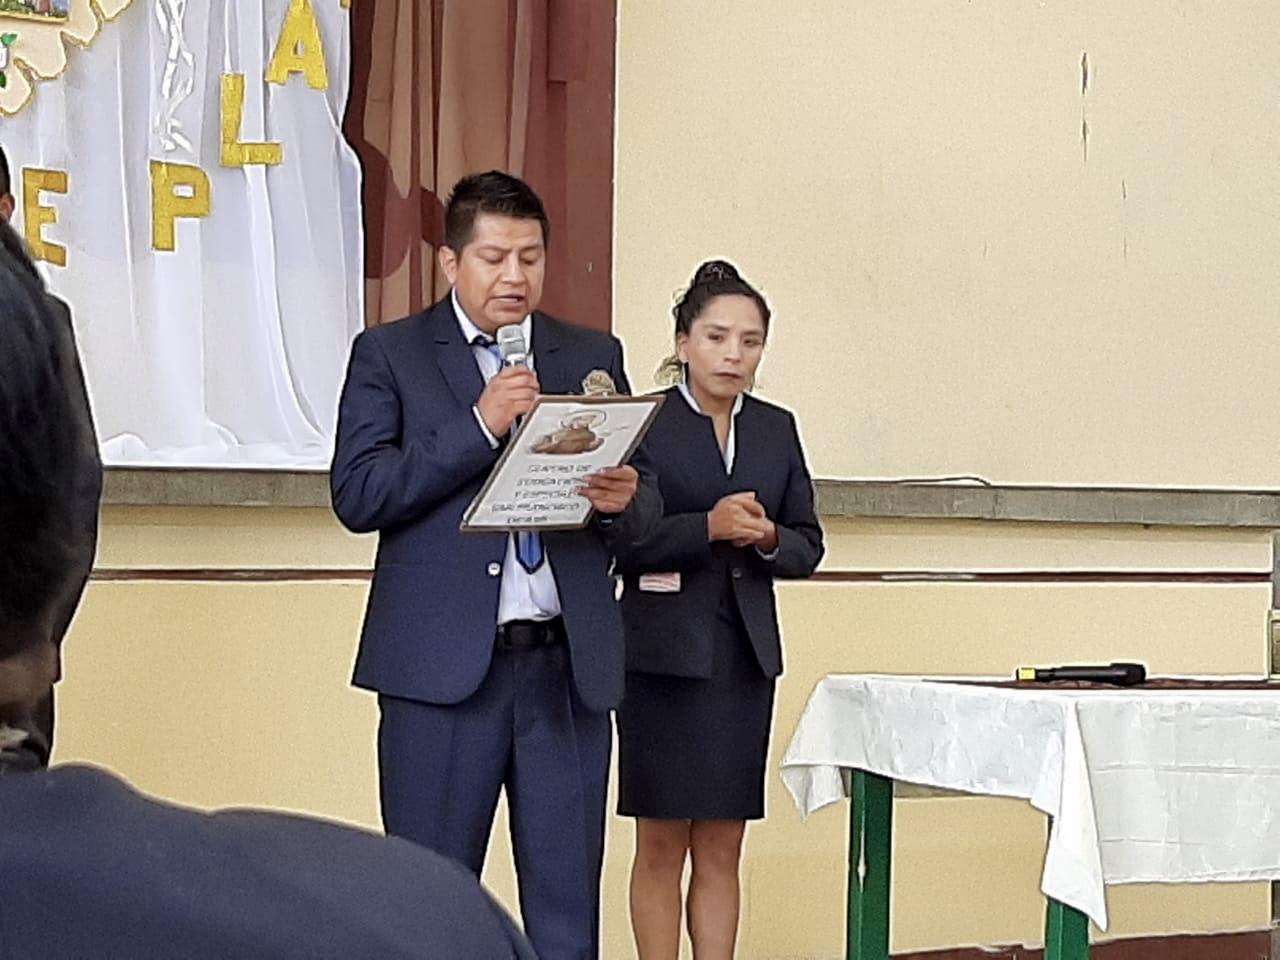 Octubre comienza con mas actividades en El Alto (Bolivia)